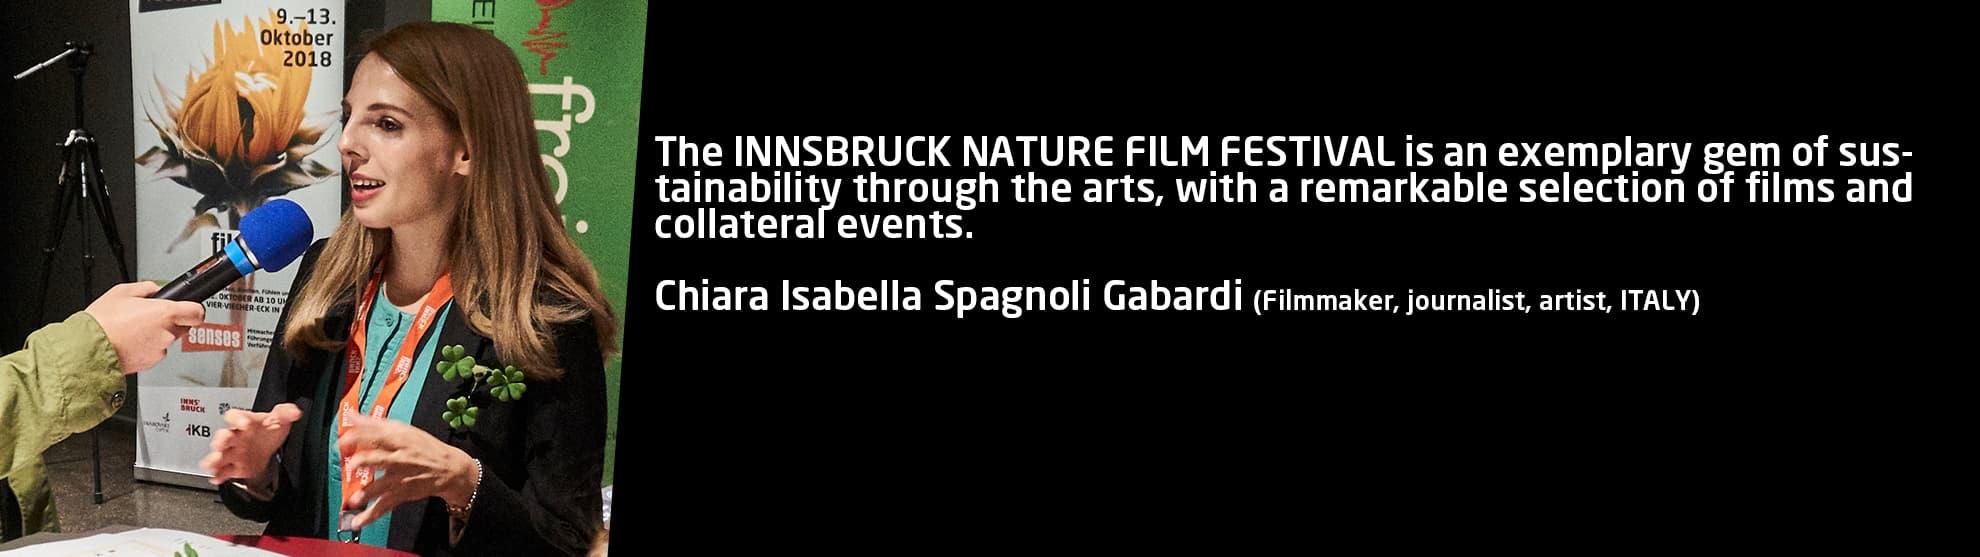 slider-chiara_isabella_spagnoli_gabardi-english